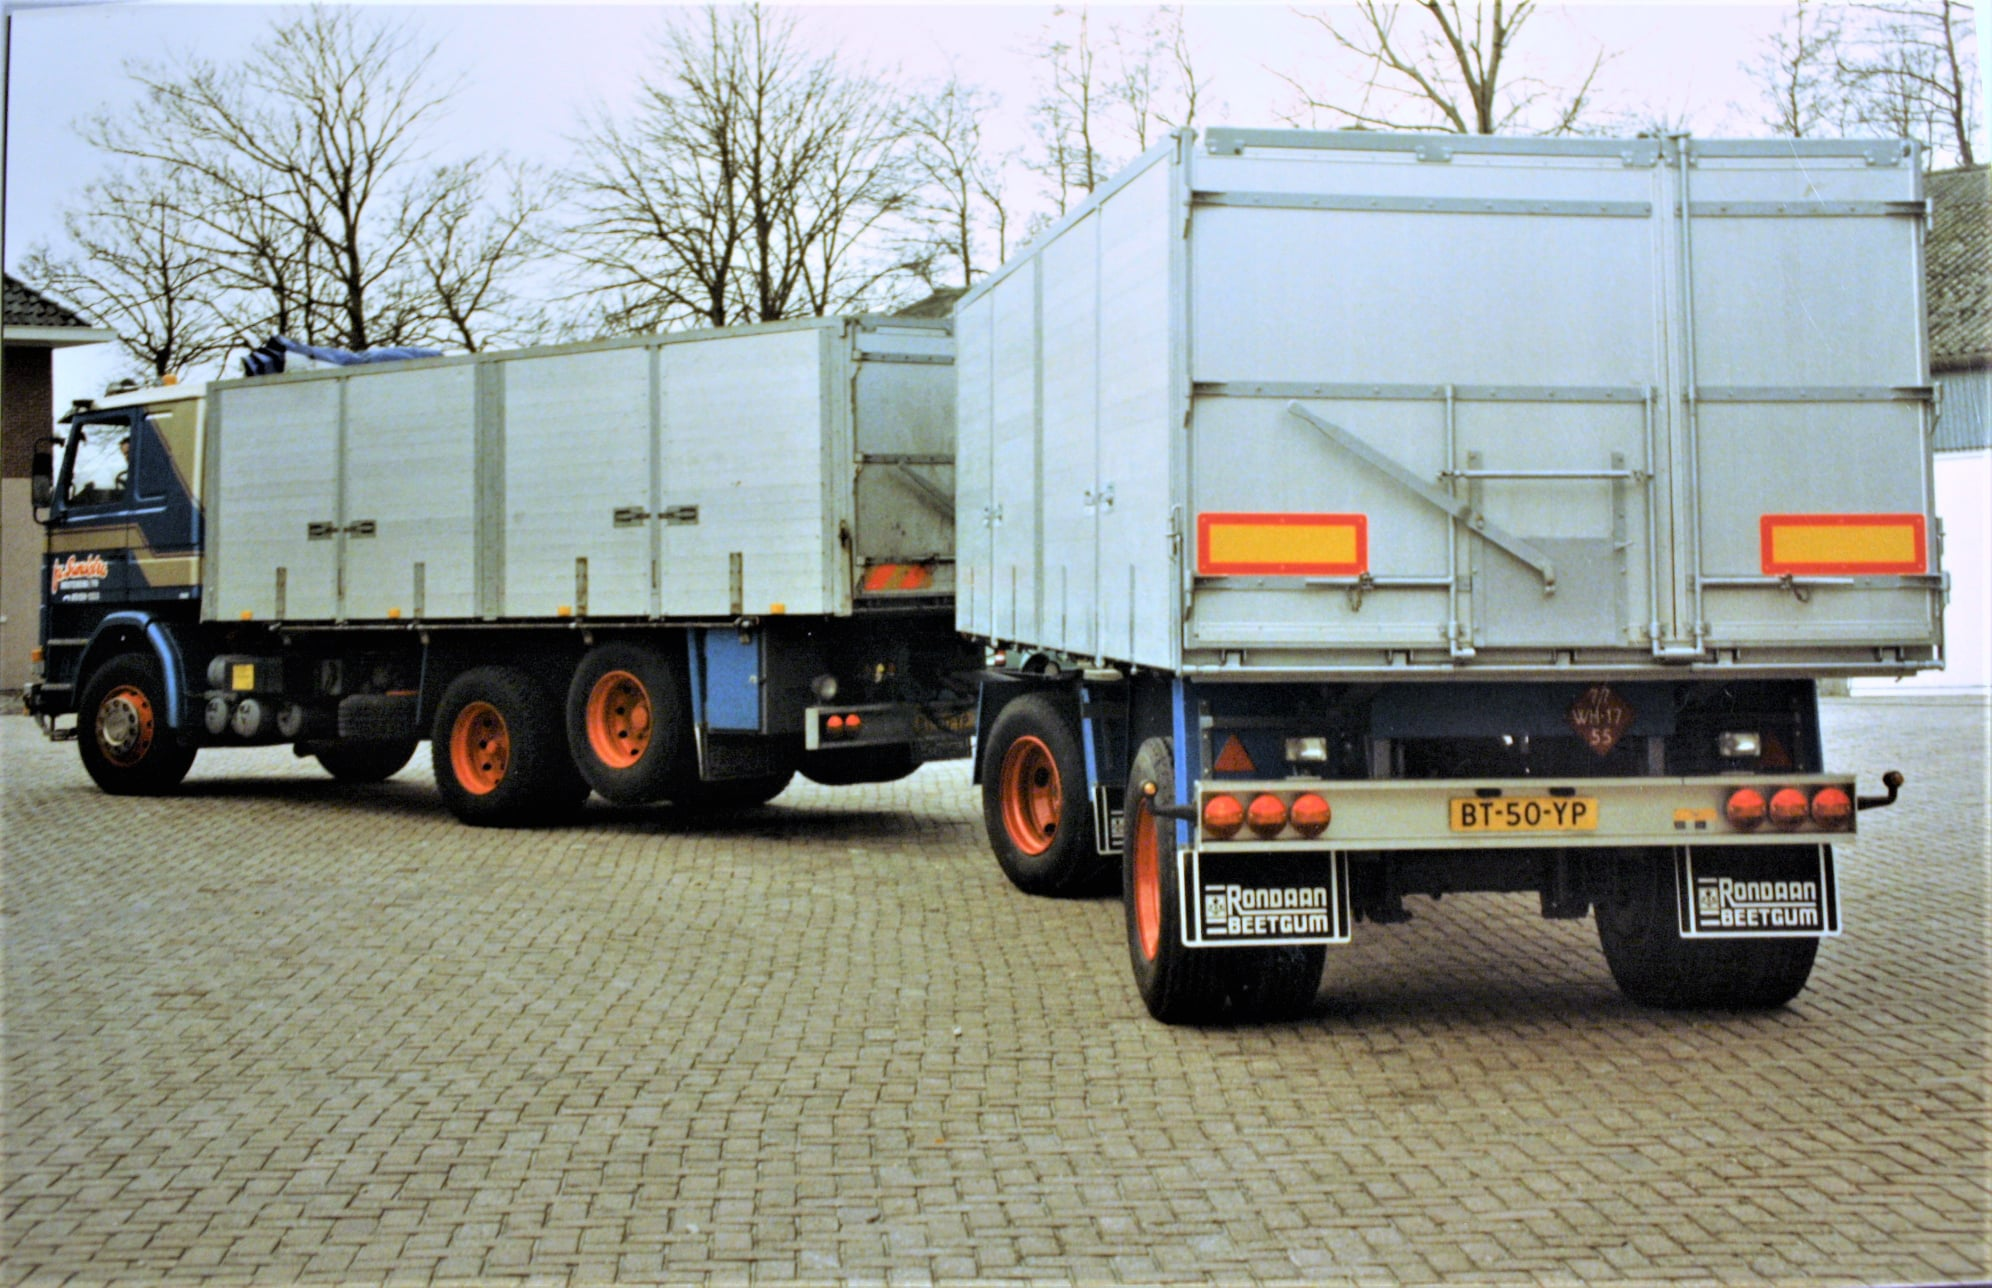 Scania--142-H-V8-met-een-aanhangwagen-door-Rondaan-in-Berlikum-opgebouwd-voor-Sandstra-(2)